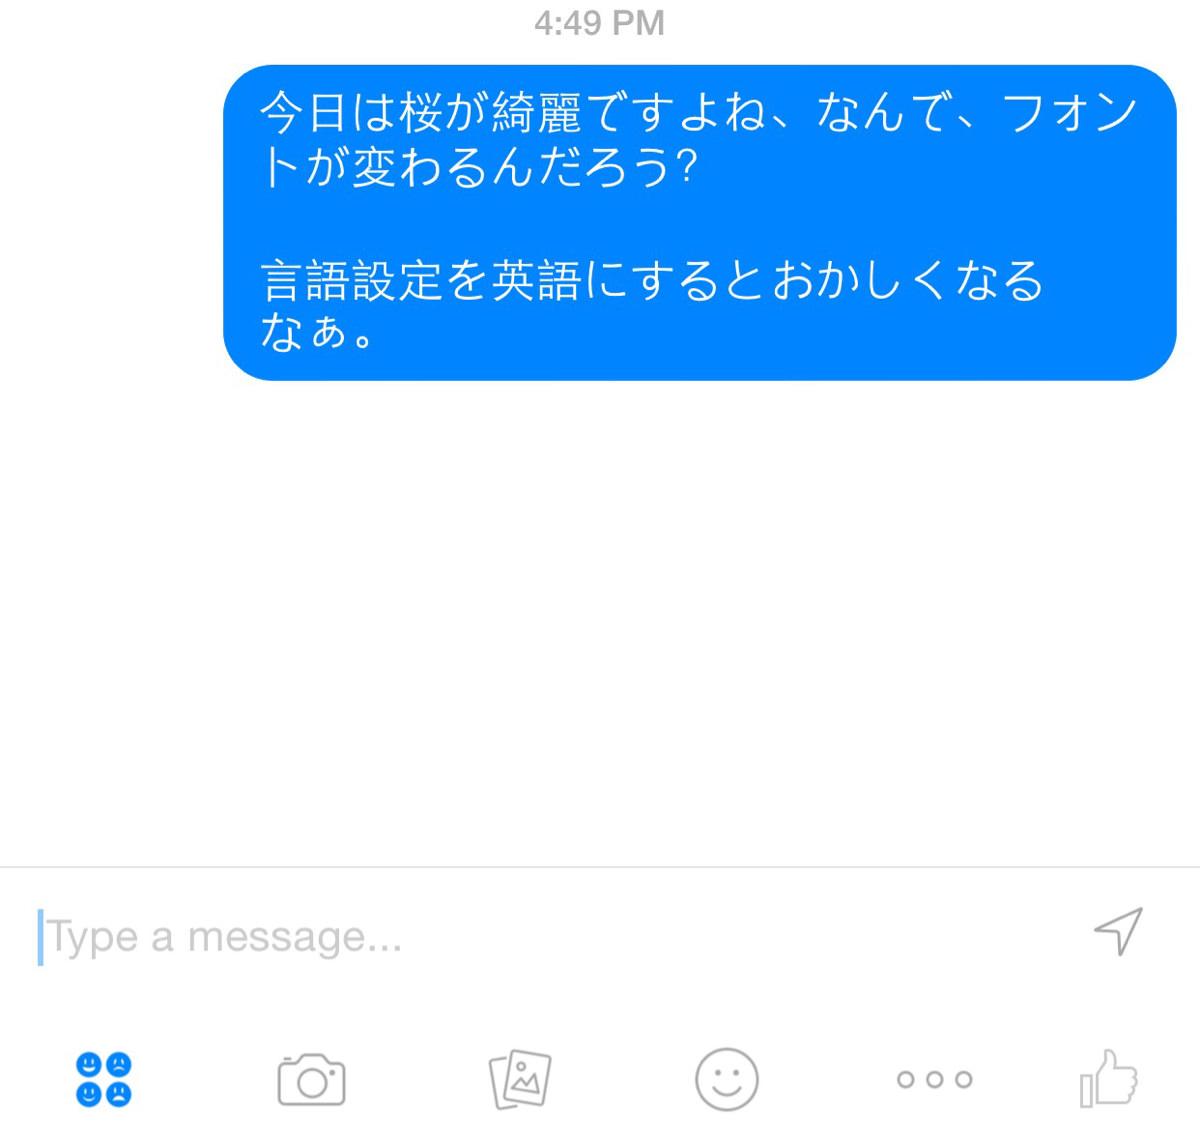 facebookメッセンジャー 日本語フォントおかしい